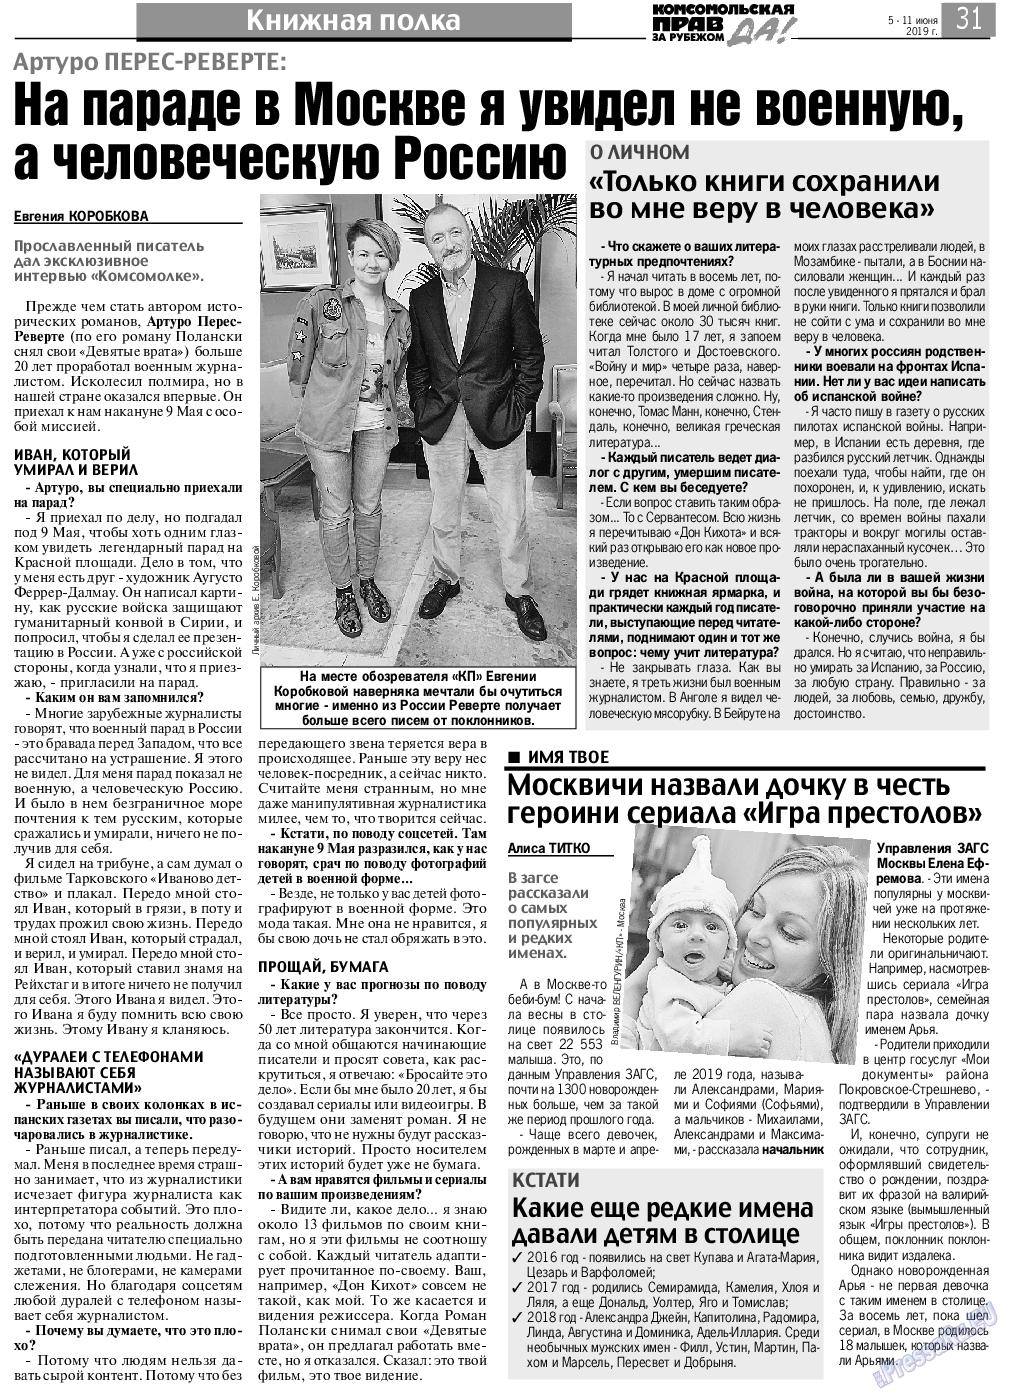 КП в Европе (газета). 2019 год, номер 23, стр. 31